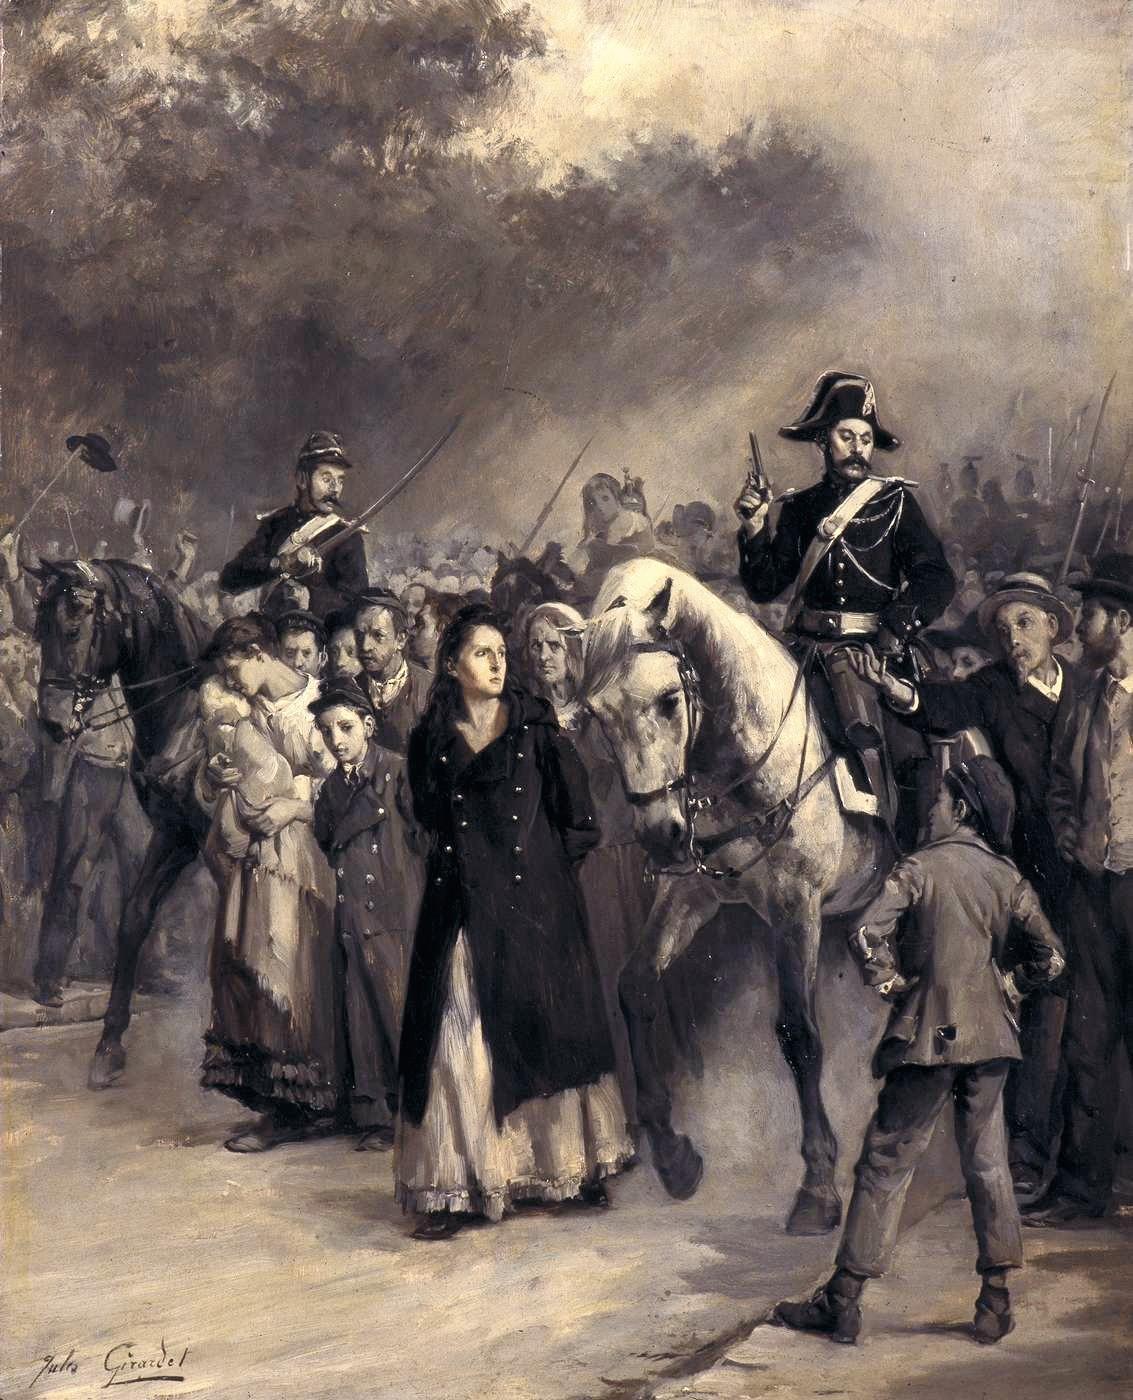 Jules Girardet, L'Arrestation de Louise Michel